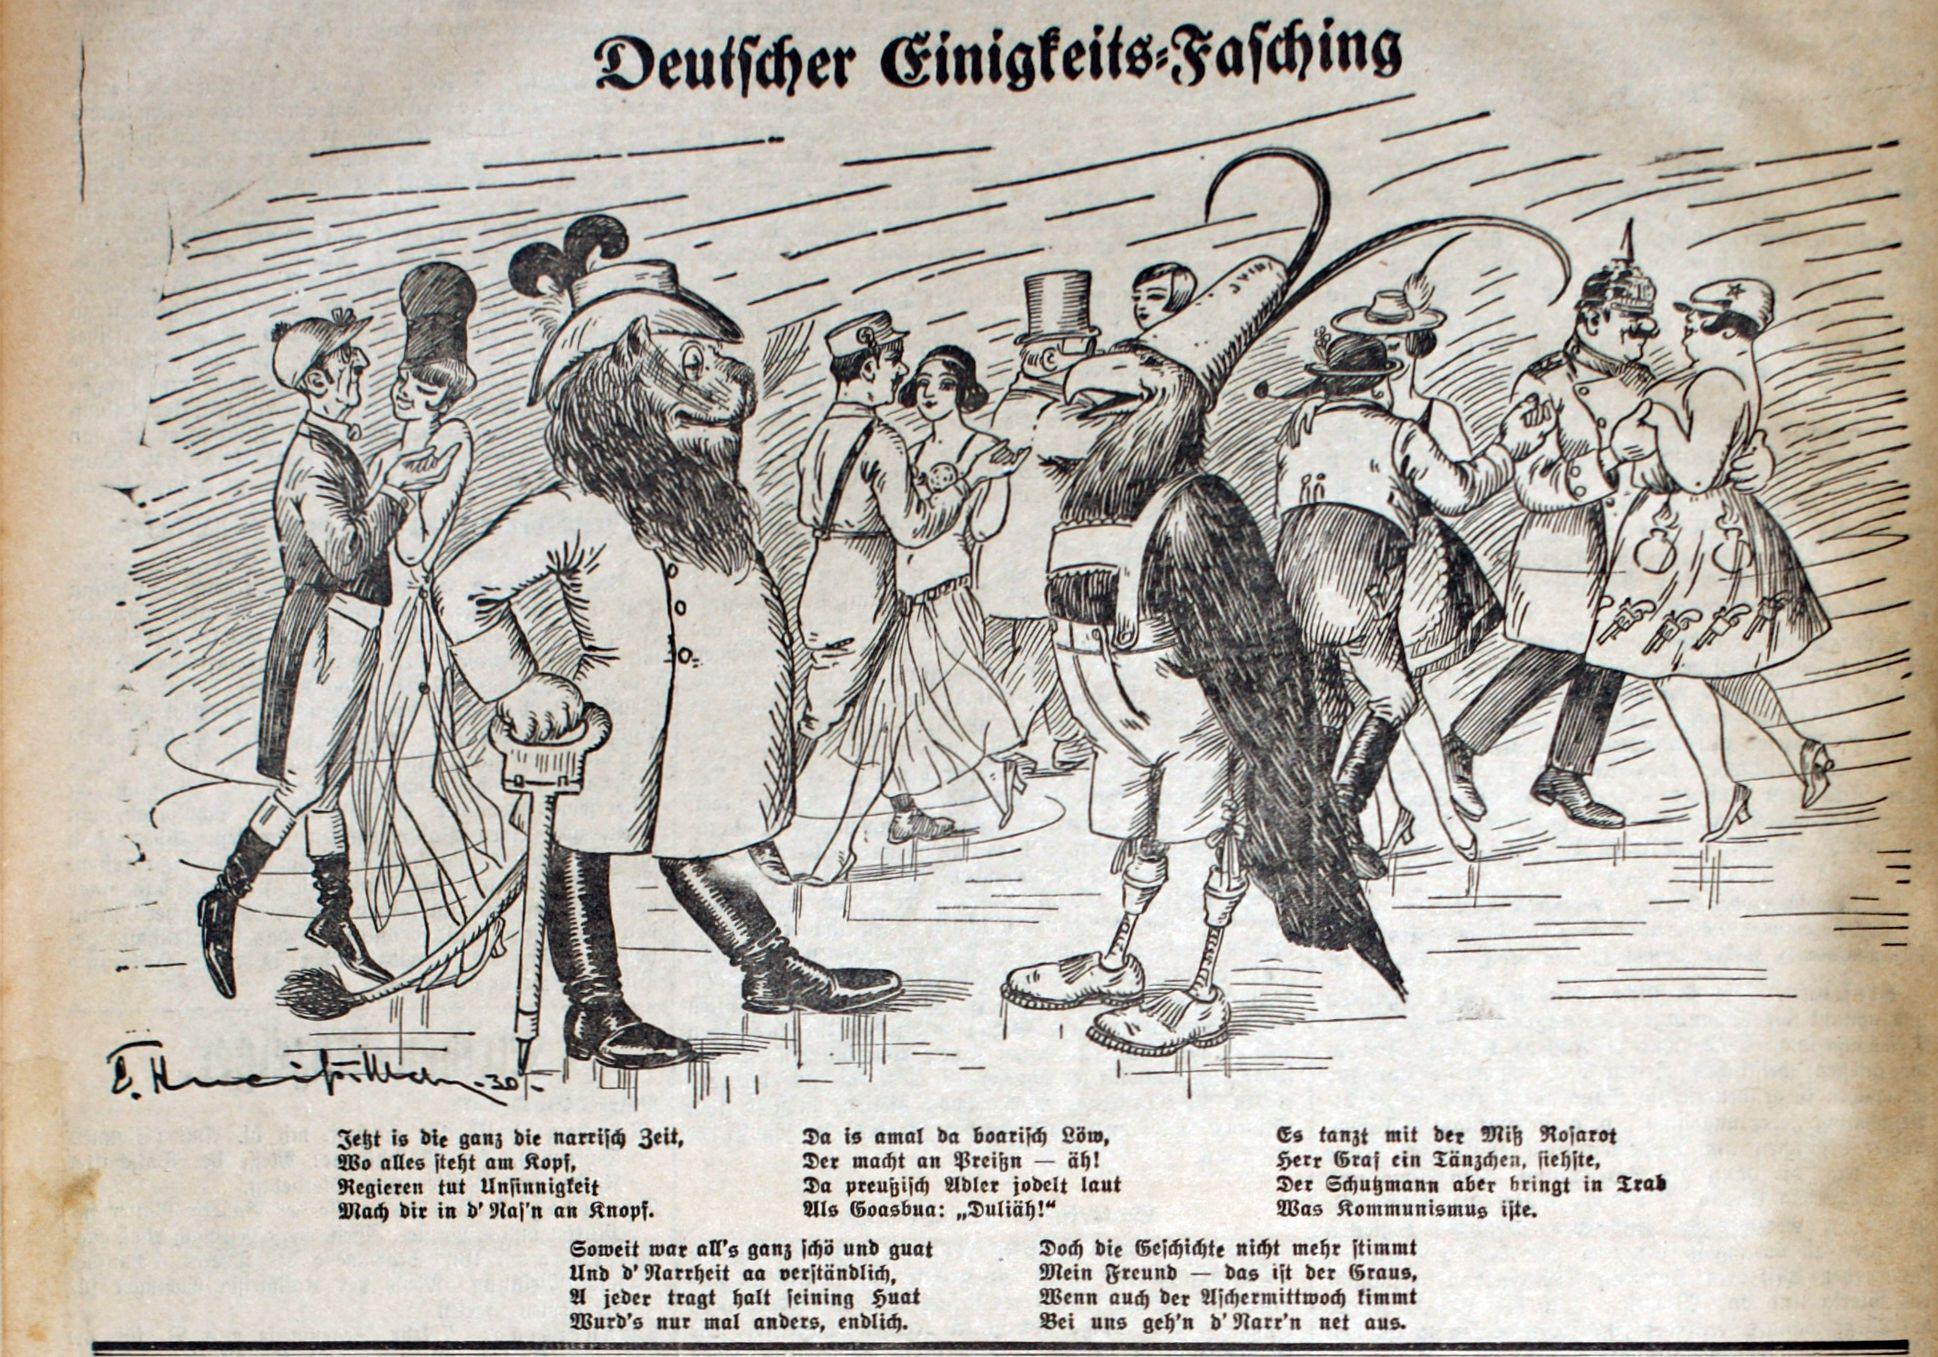 Deutscher Einigkeits-Fasching: Löwe als Preiß, Adler als Goasbua